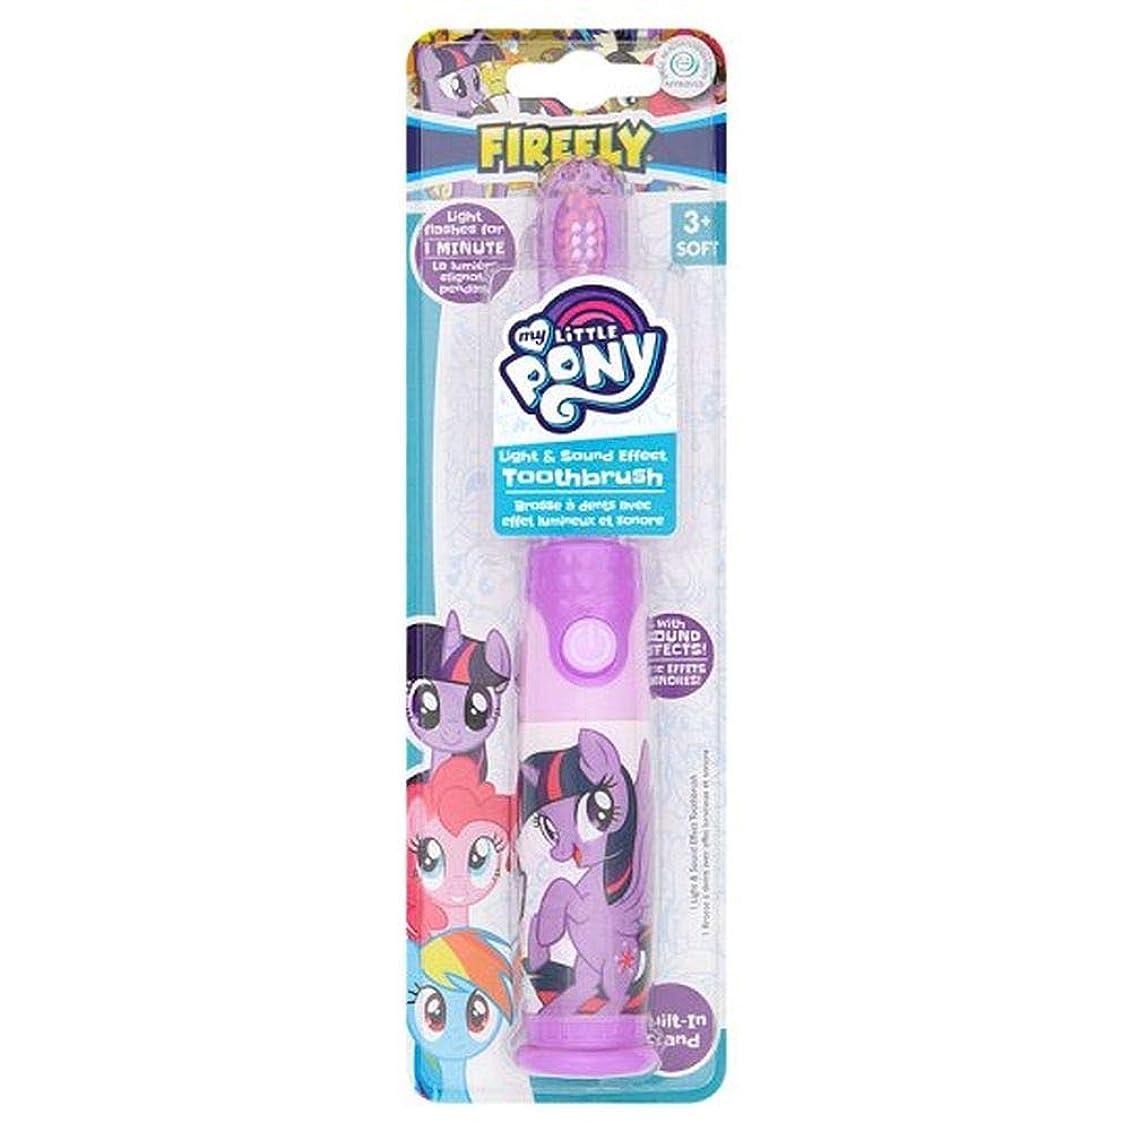 凝縮するジョガーアラビア語[Firefly ] 私の小さなポニーのホタルの光と音の歯ブラシ - My Little Pony Firefly Light And Sound Toothbrush [並行輸入品]